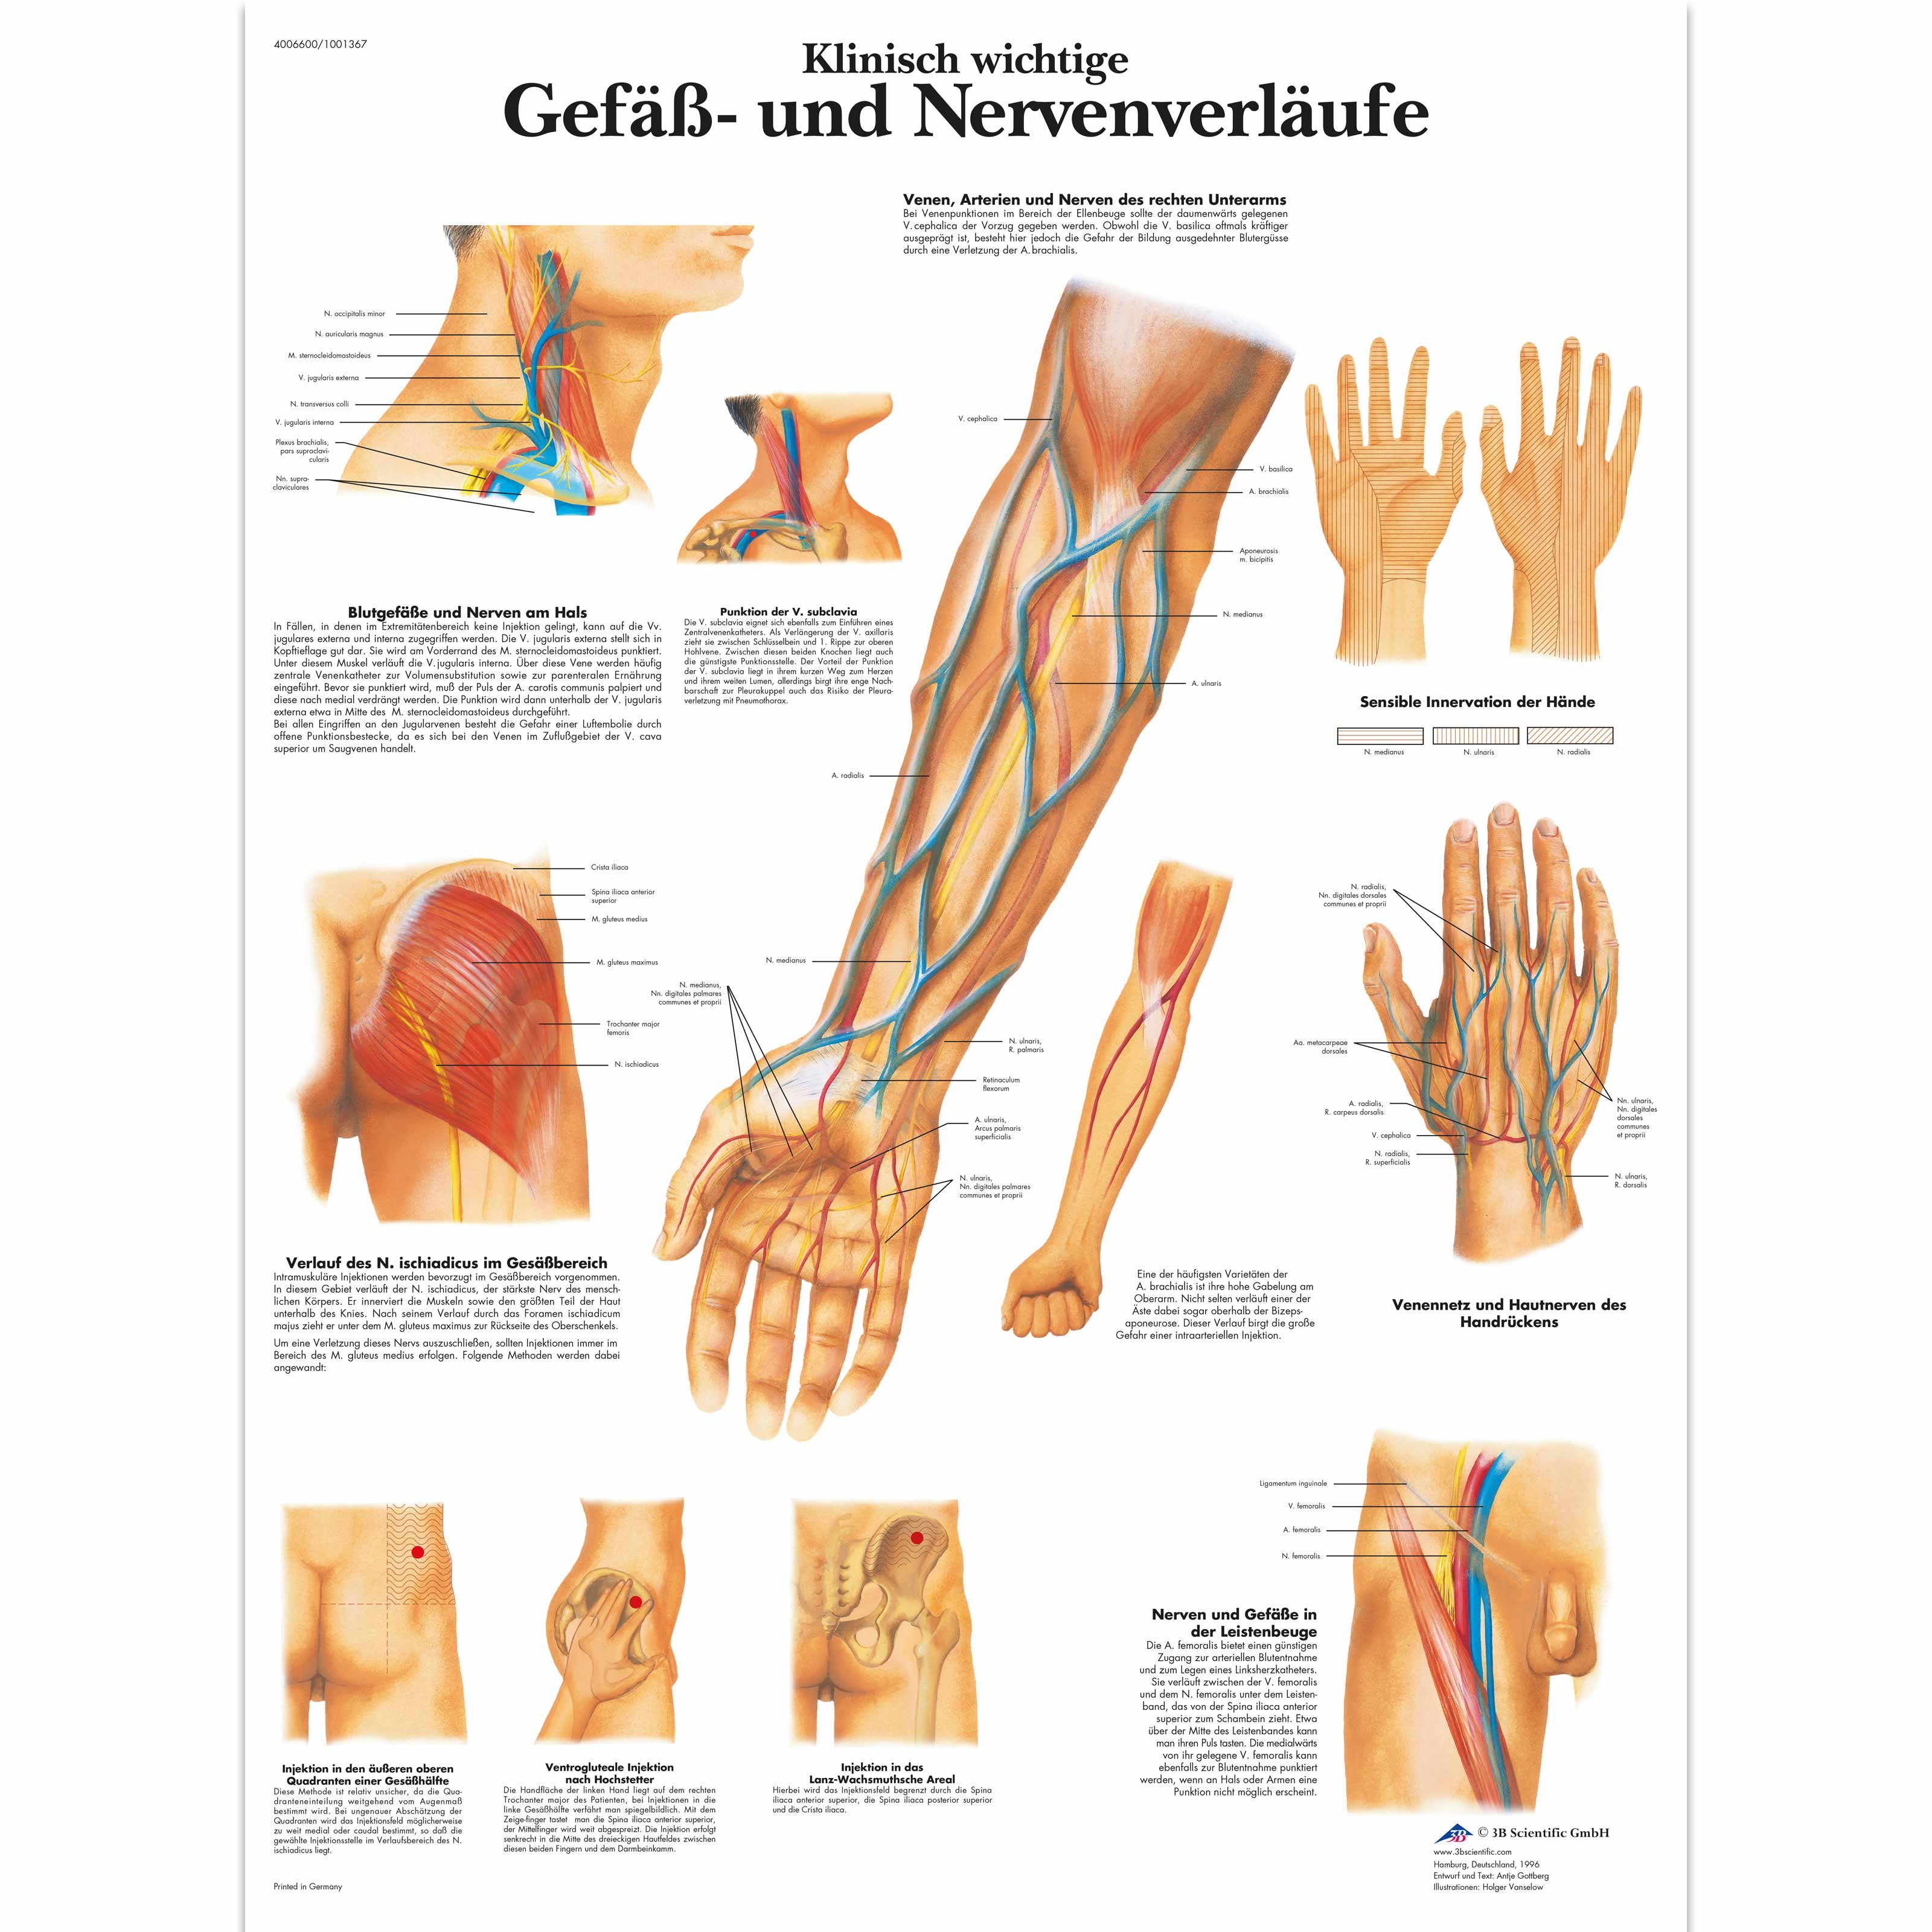 Klinisch wichtige Gefäß- und Nervenverläufe - 4006600 - VR0359UU ...